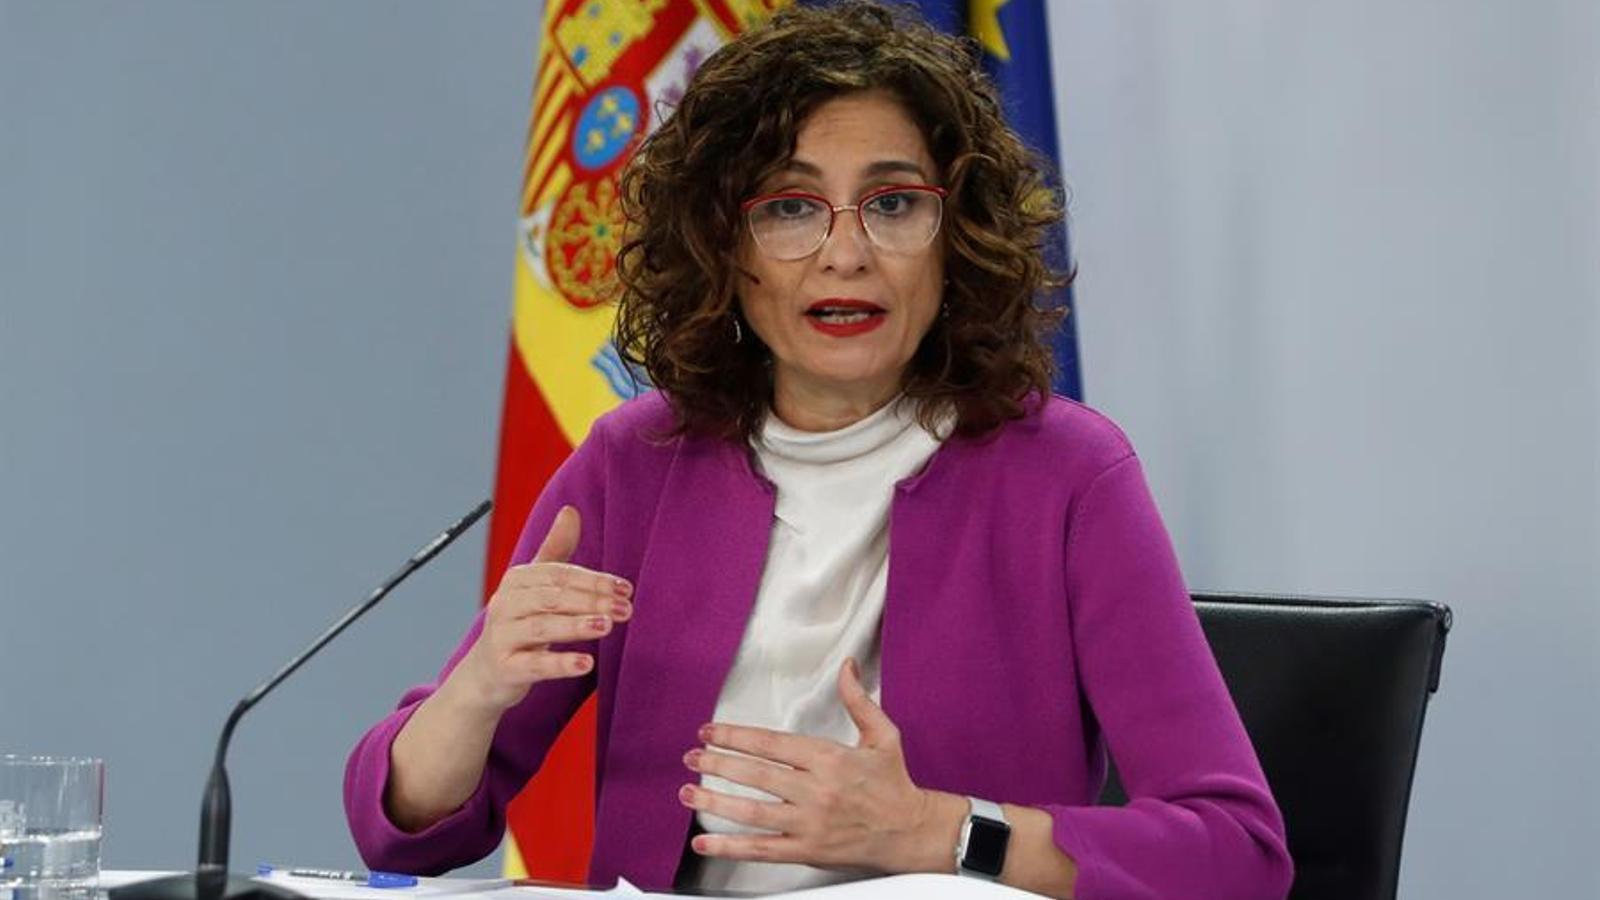 La portaveu del govern espanyol, María Jesús Montero, en roda de premsa posterior al consell de ministres